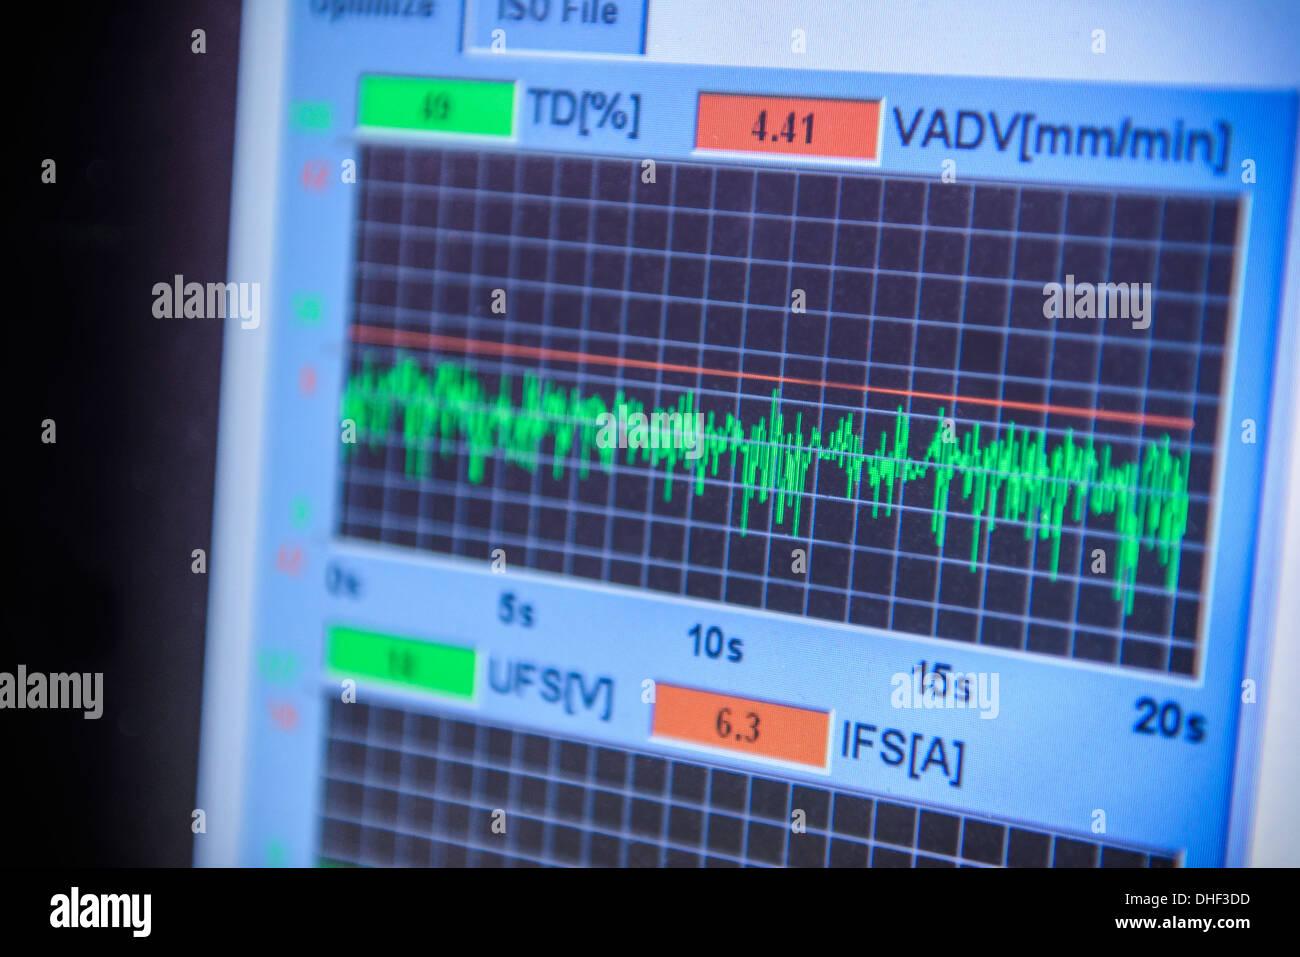 Steuern Sie Diagramm auf Computer-Monitor in Fabrik, Nahaufnahme Stockbild